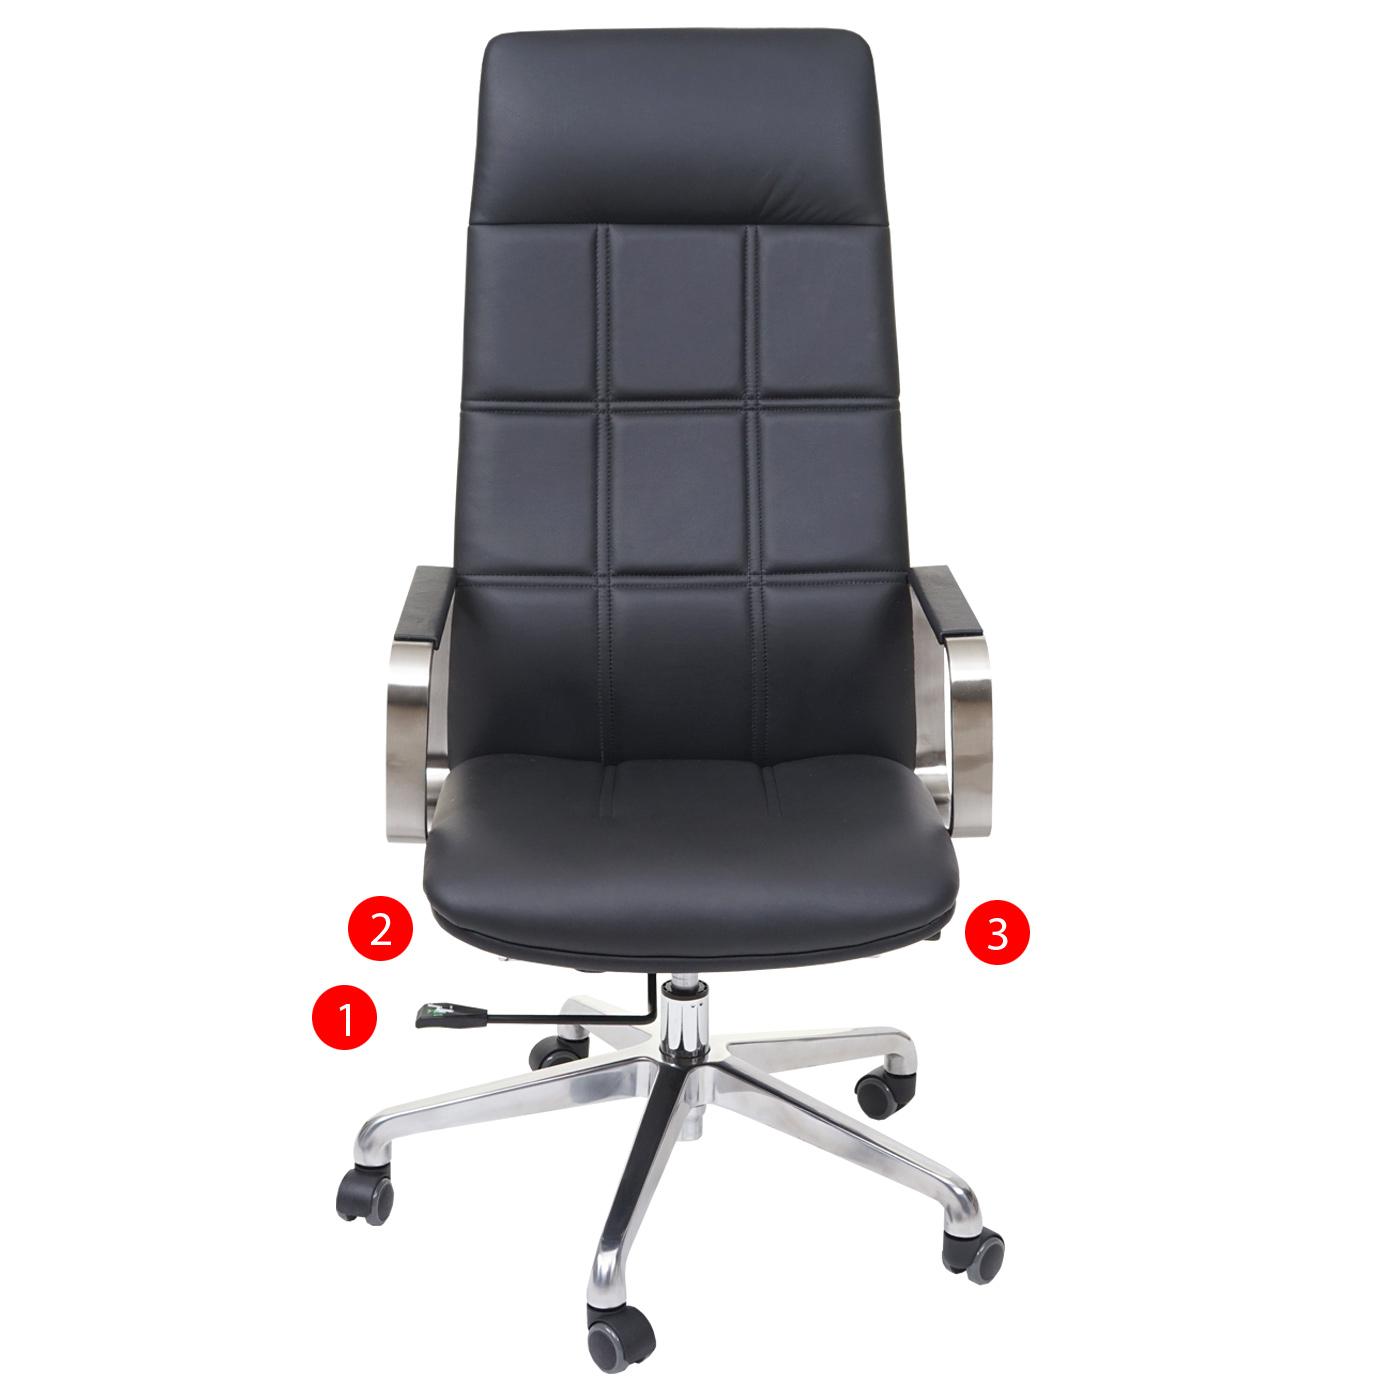 b rostuhl hwc a57 schreibtischstuhl drehstuhl voll leder kunstleder edelstahl iso9001 schwarz. Black Bedroom Furniture Sets. Home Design Ideas